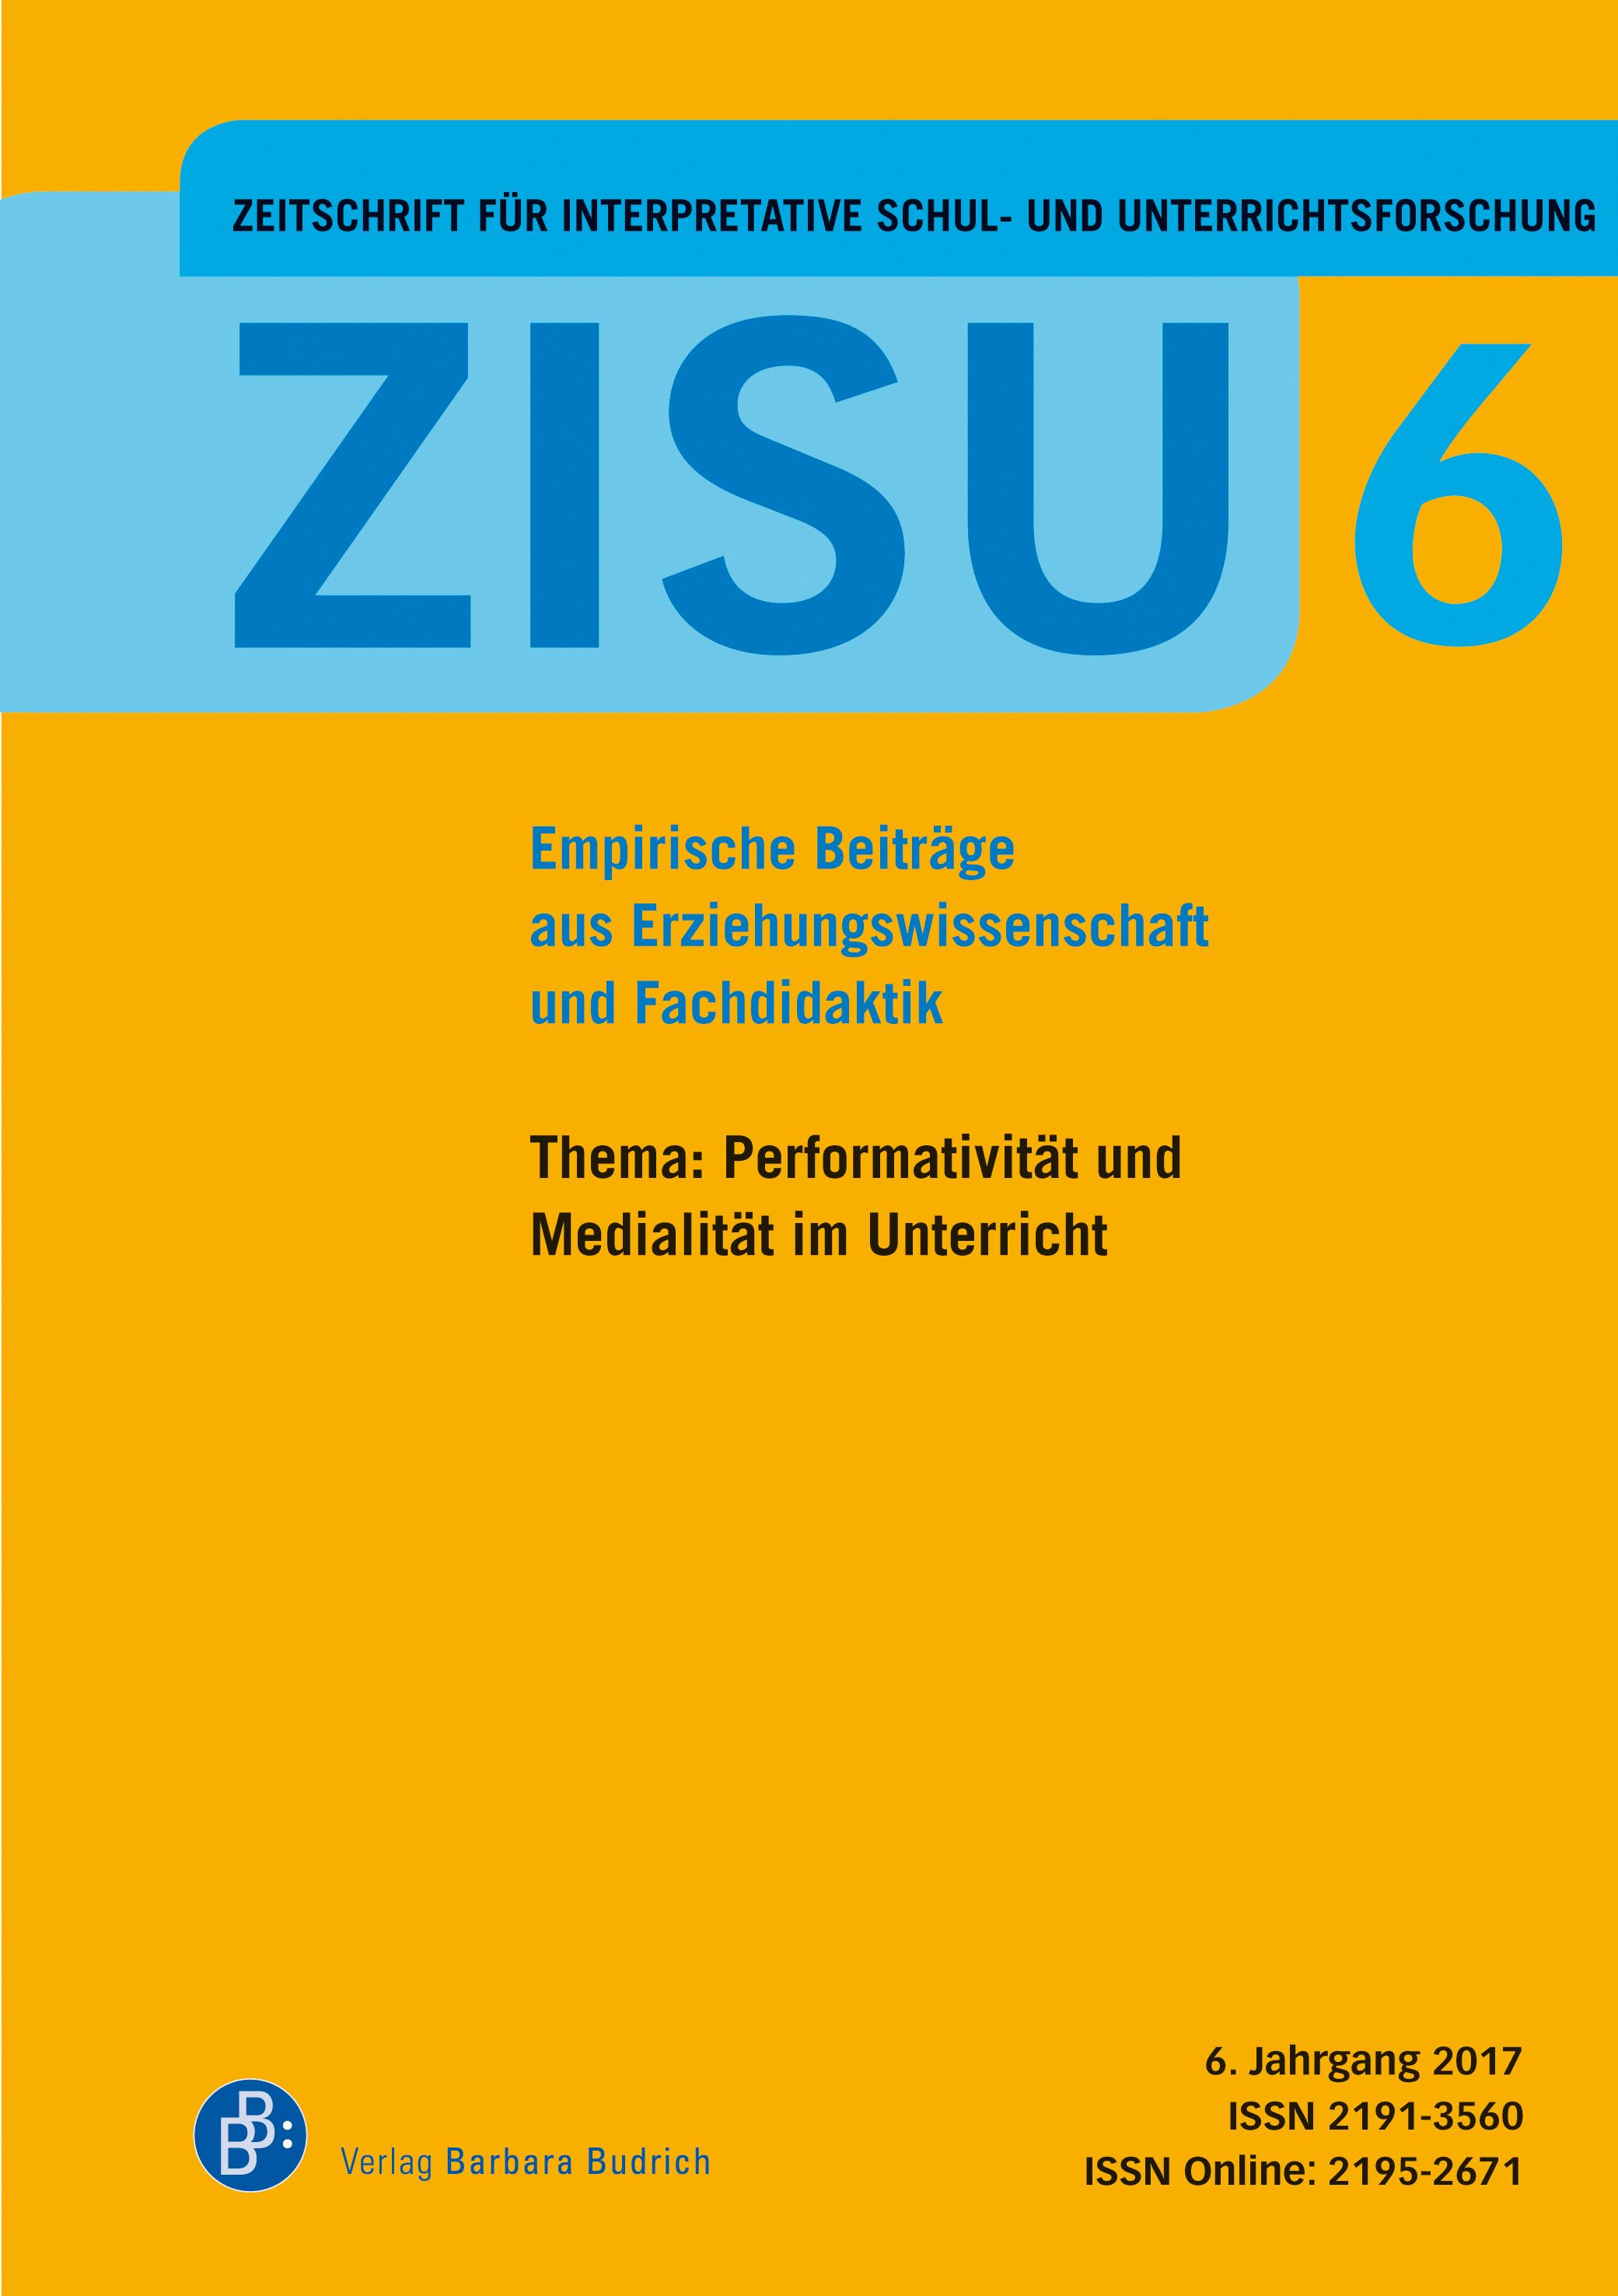 ZISU – Zeitschrift für interpretative Schul- und Unterrichtsforschung 6 (2017): Performativität und Medialität im Unterricht